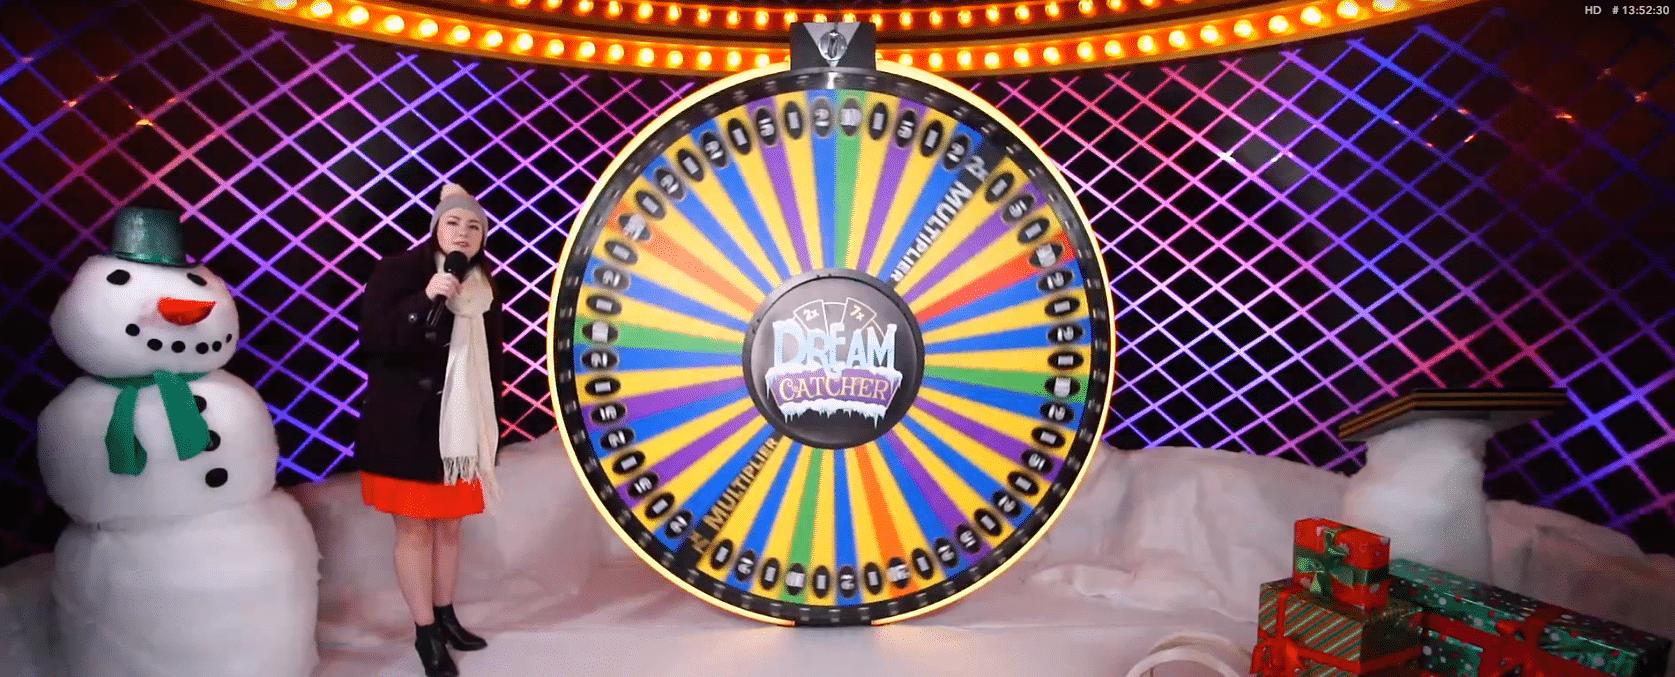 Dream Catcher winter bij Casino777.be